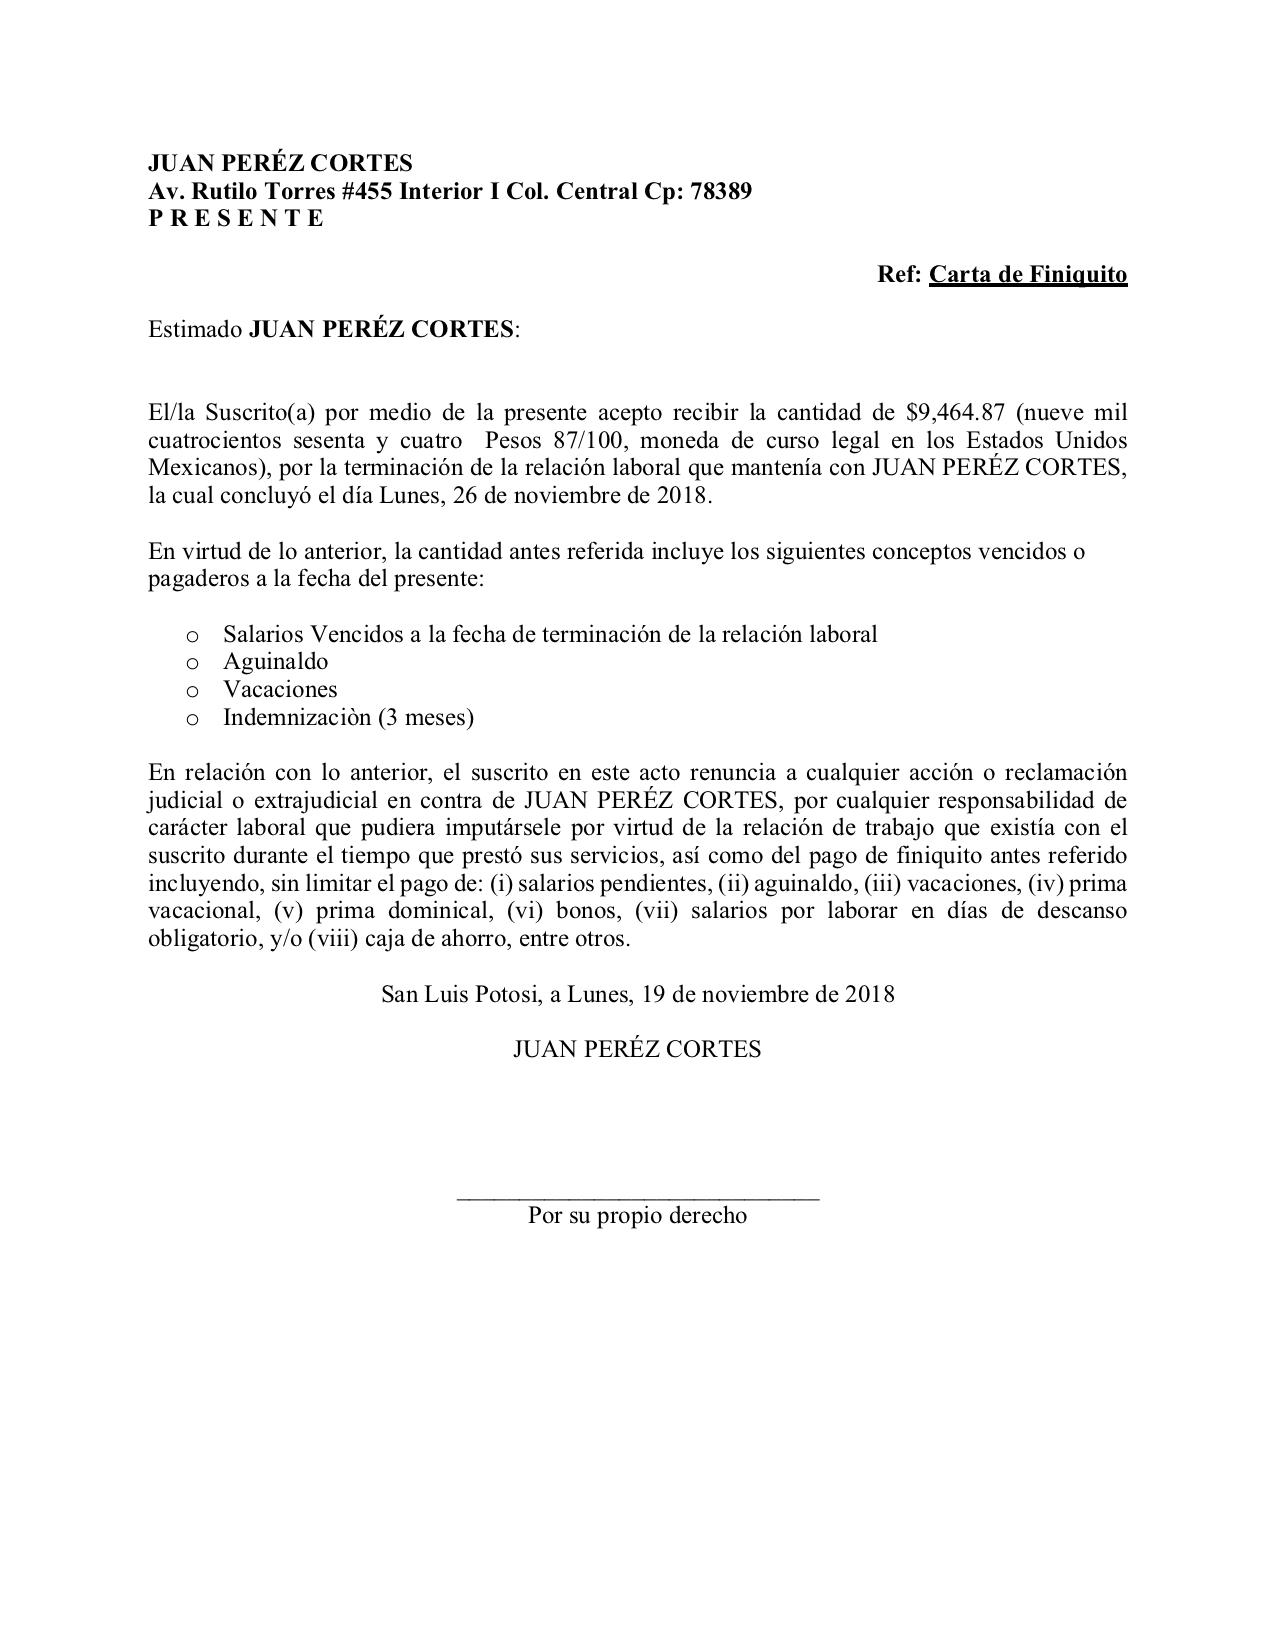 Finiquito Laboral Carta Ejemplo Descarga En Legalario Finiquito Laboral Carta De Referencia Cartas De Recomendacion